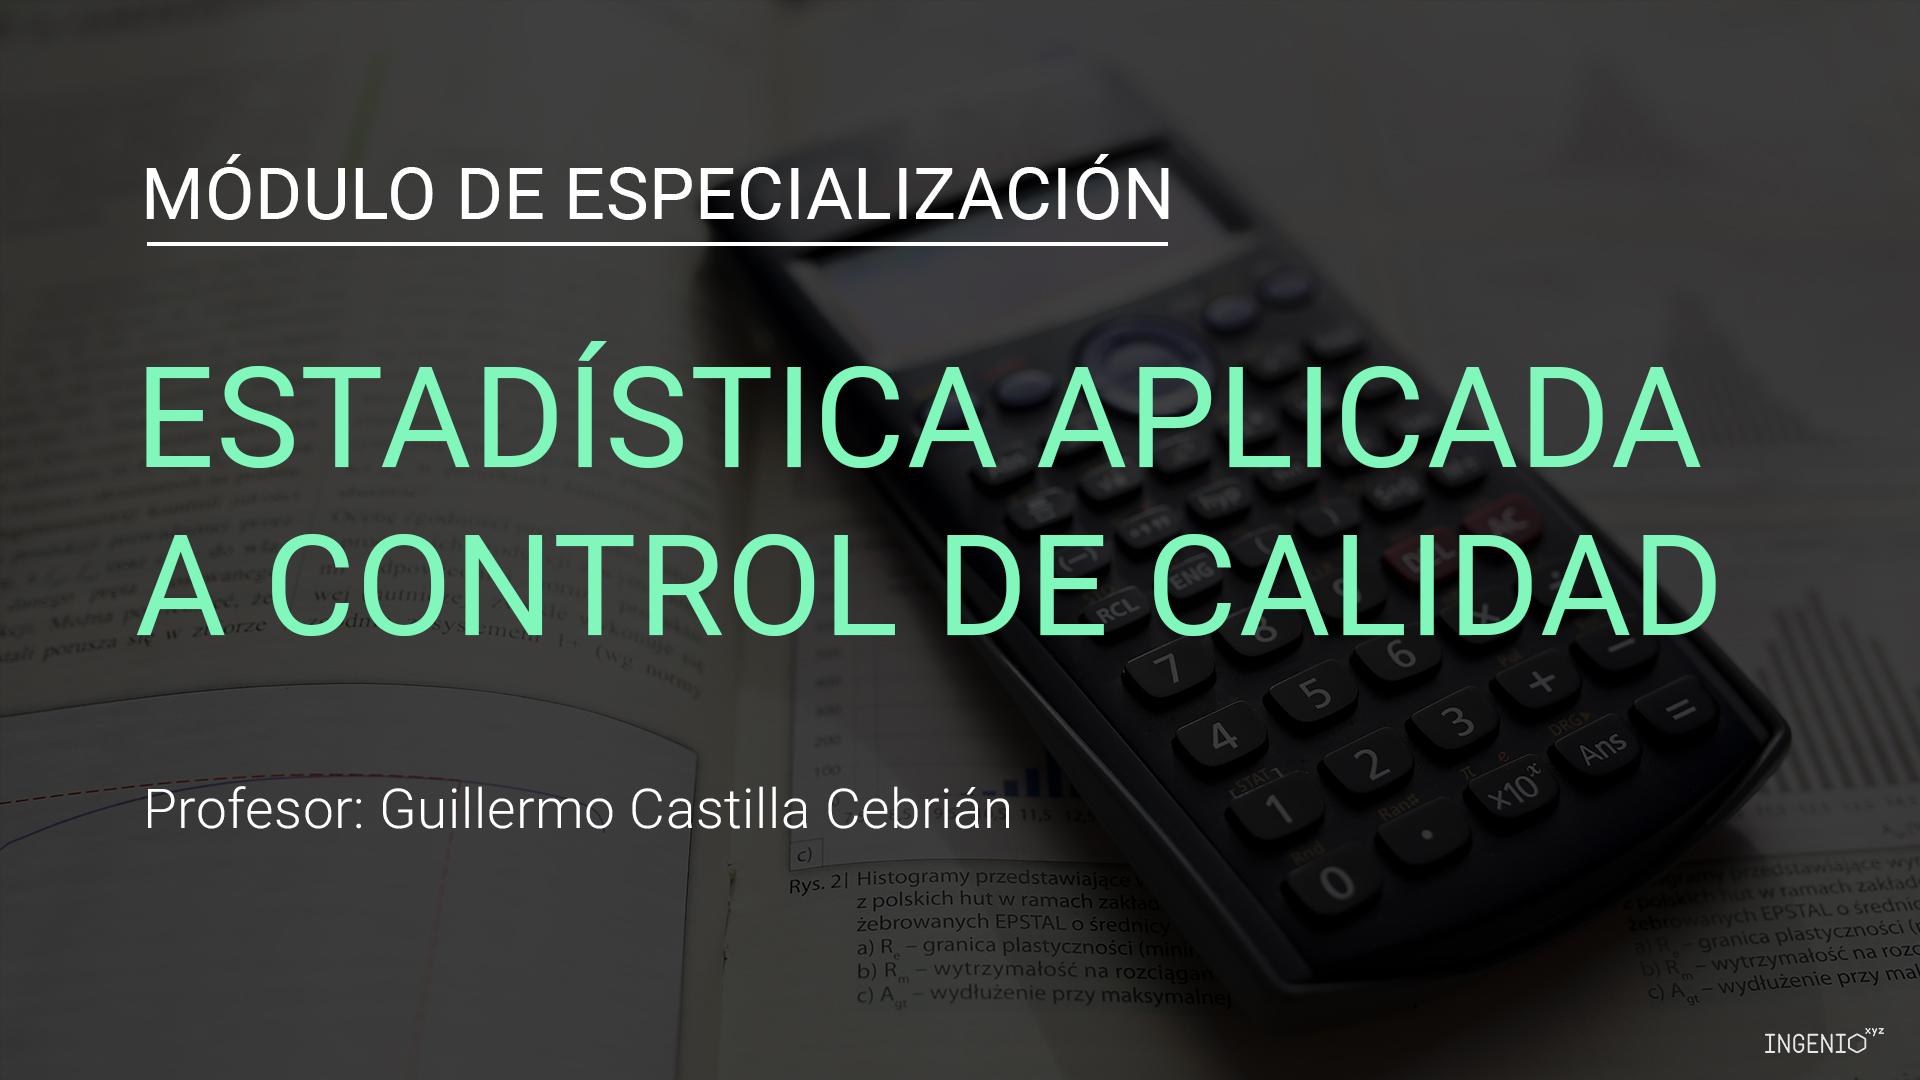 Módulo de especialización en estadística: control de calidad